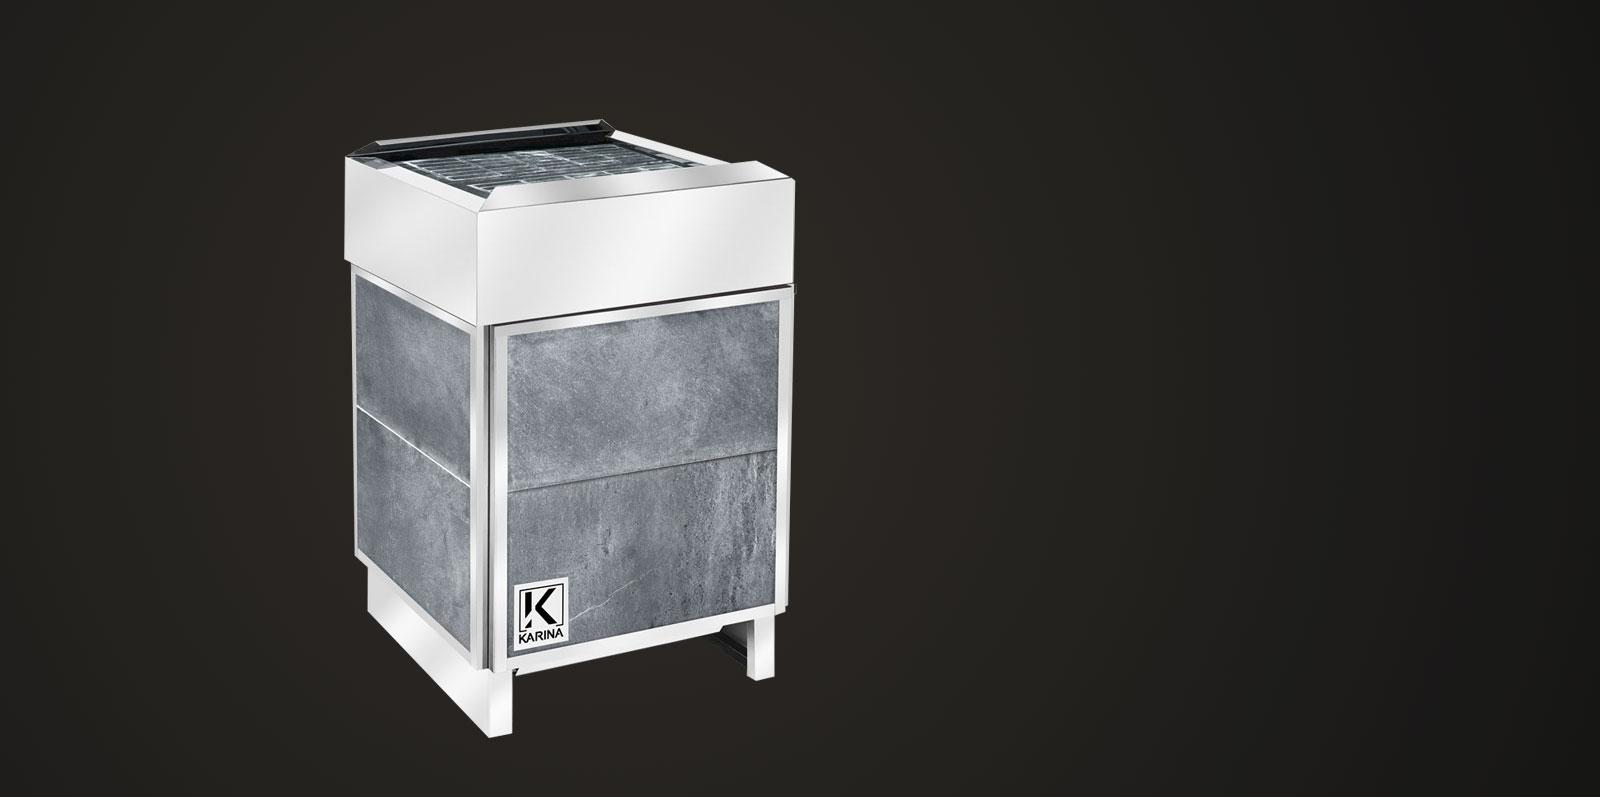 """Электропечь KARINA """"Премиум"""" в облицовке талькохлорит (Горизонтальный) 16 кВт"""